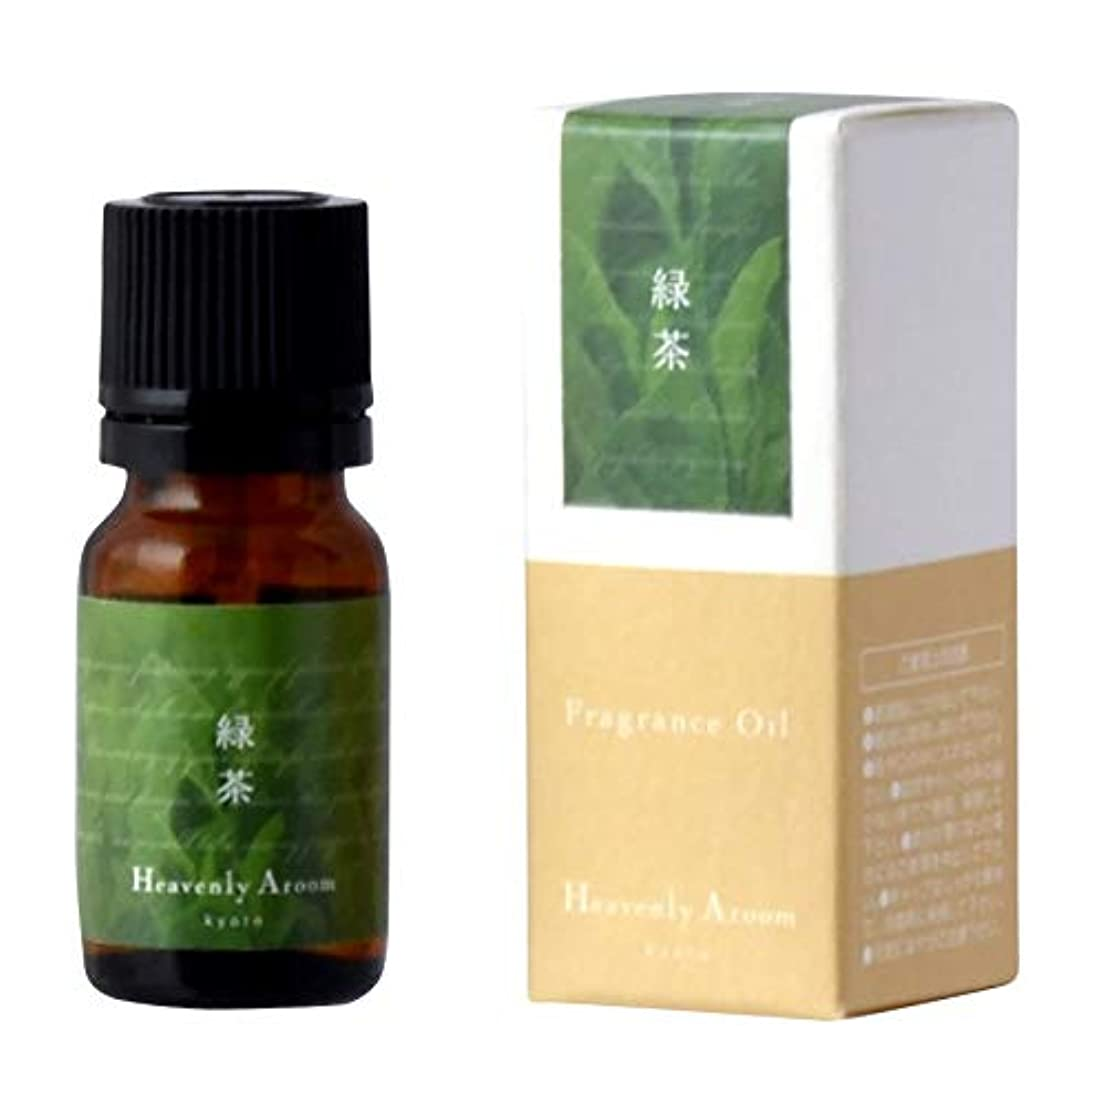 誘導水星外出Heavenly Aroom フレグランスオイル 緑茶 10ml